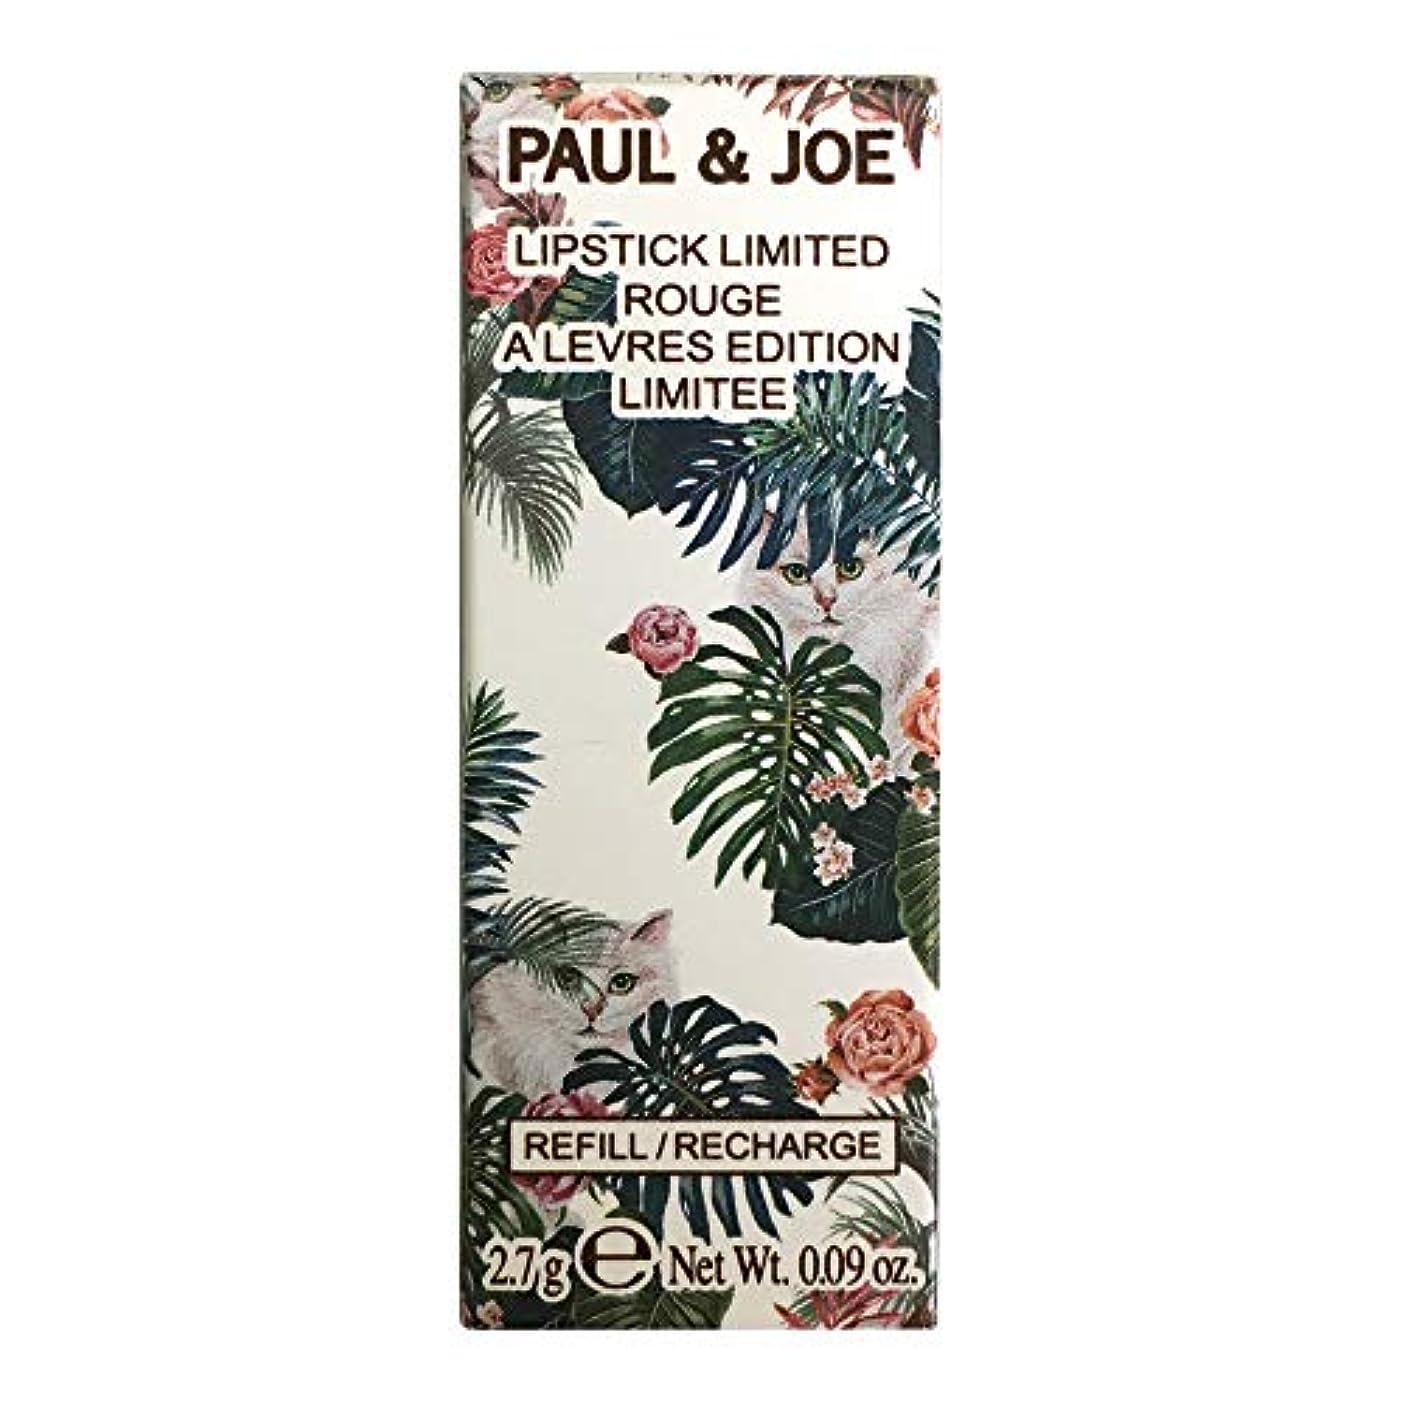 み不透明なトラブルポール & ジョー/PAUL & JOE リップスティック リミテッド #007(レフィル) (限定) [ 口紅 ] [並行輸入品]